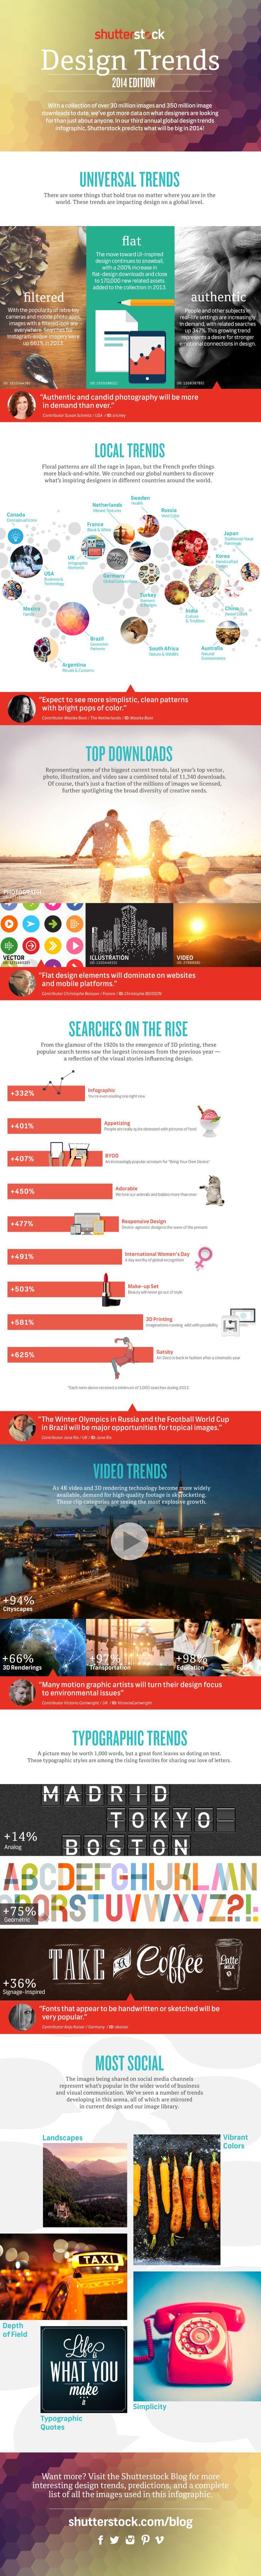 2014-infographic-EN.jpg